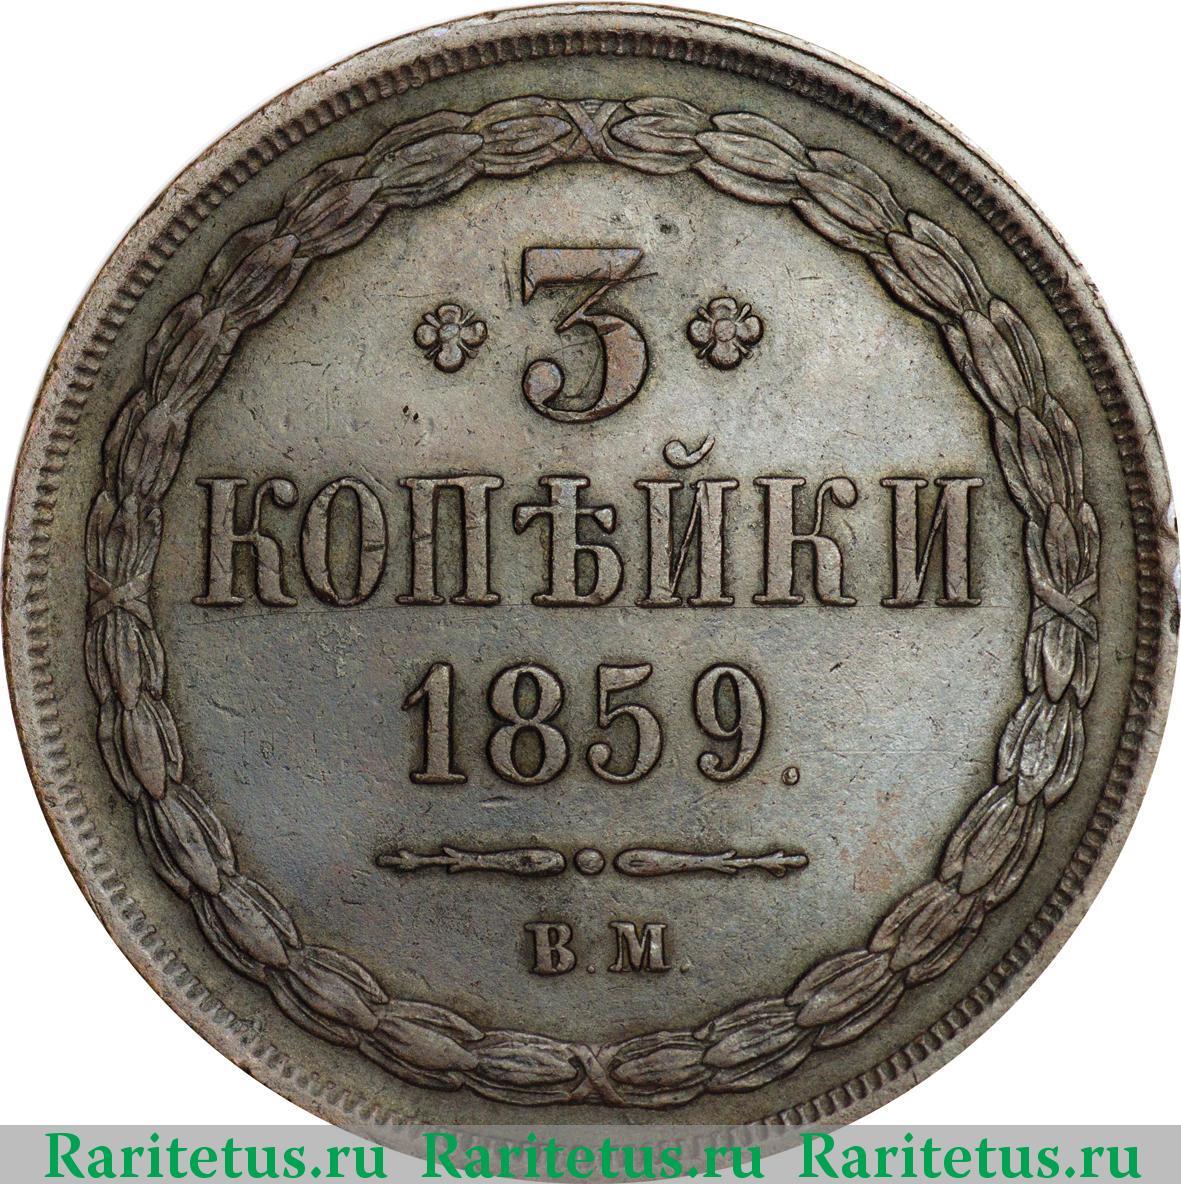 3 копейки 1859 года цена где принимают российские монеты